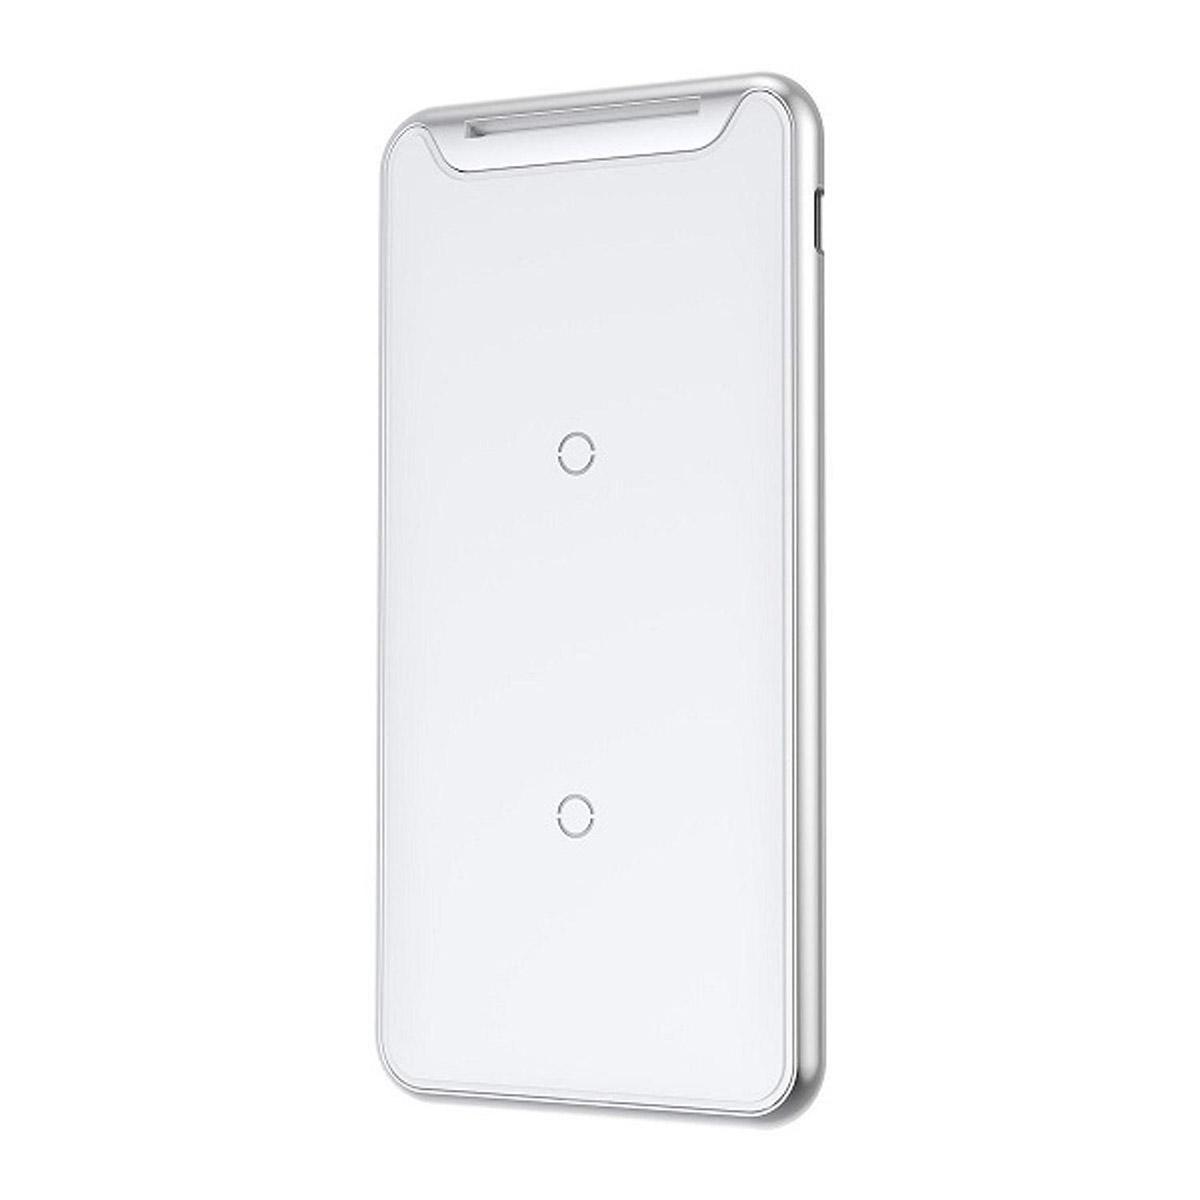 Adaptador Hub Usb Tipo C Macbook Pro - Air - Windows USB 3.1 Preto